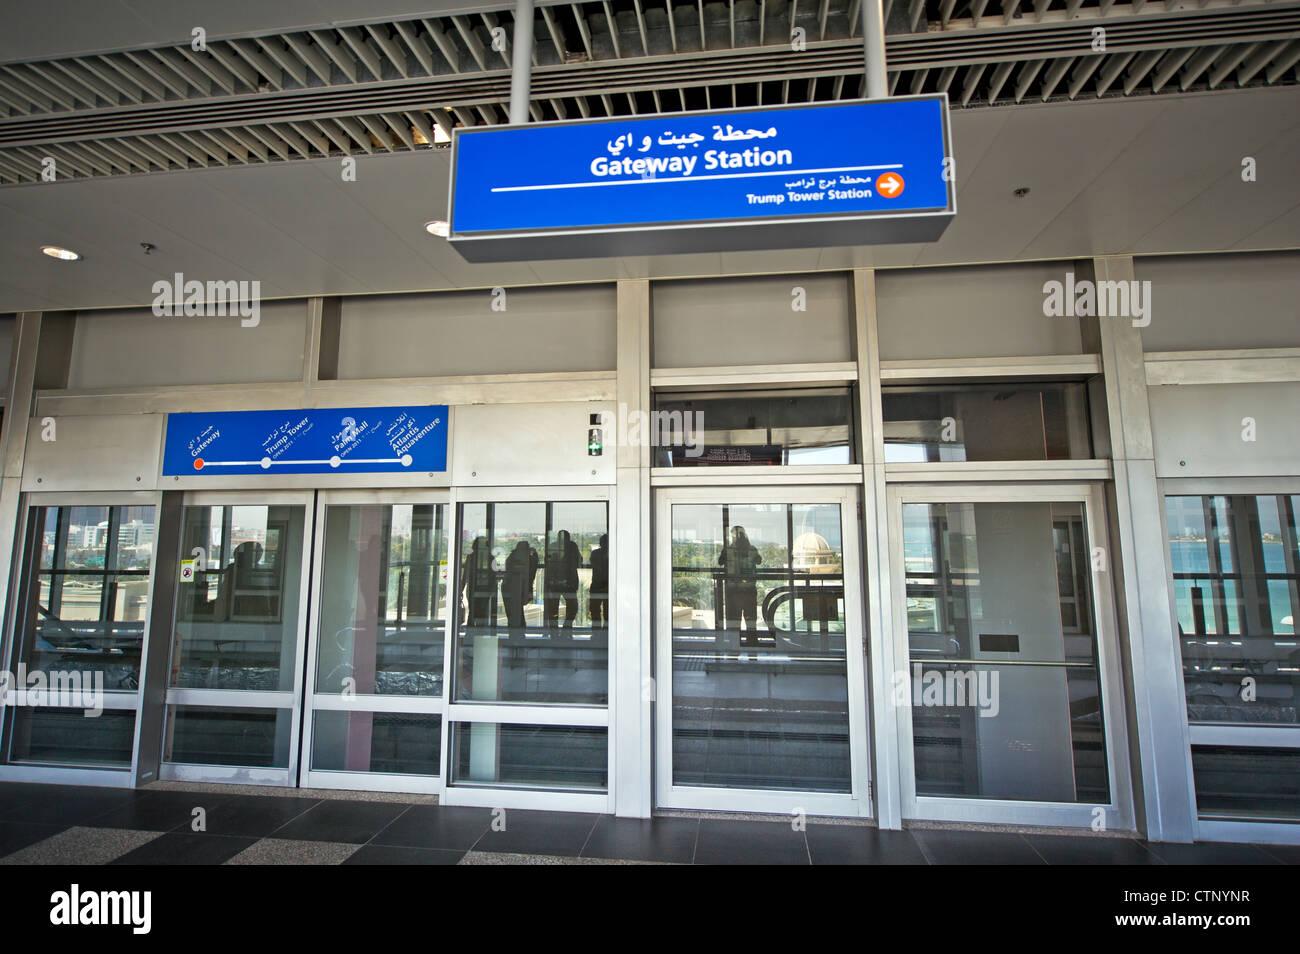 Metrō Dubayy Dubai United Arabien Emirates UAE architecture luxury luxus blue giant gigantic modern glass - Stock Image